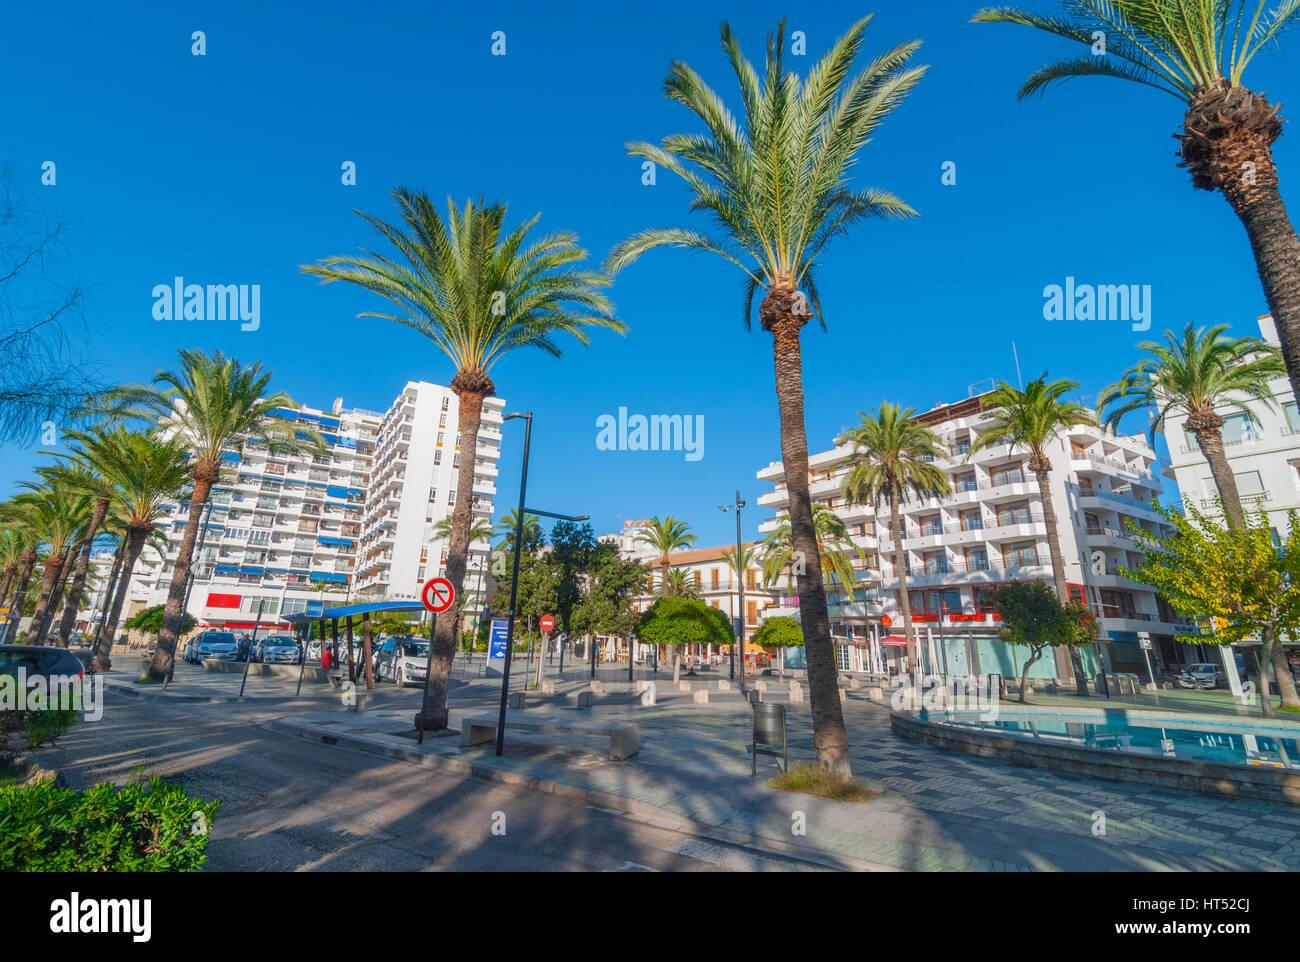 Sant Antoni de Portmany, Ibiza, noviembre 6th, 2013: Turismo en España. La gente espera en una parada de taxis. Imagen De Stock